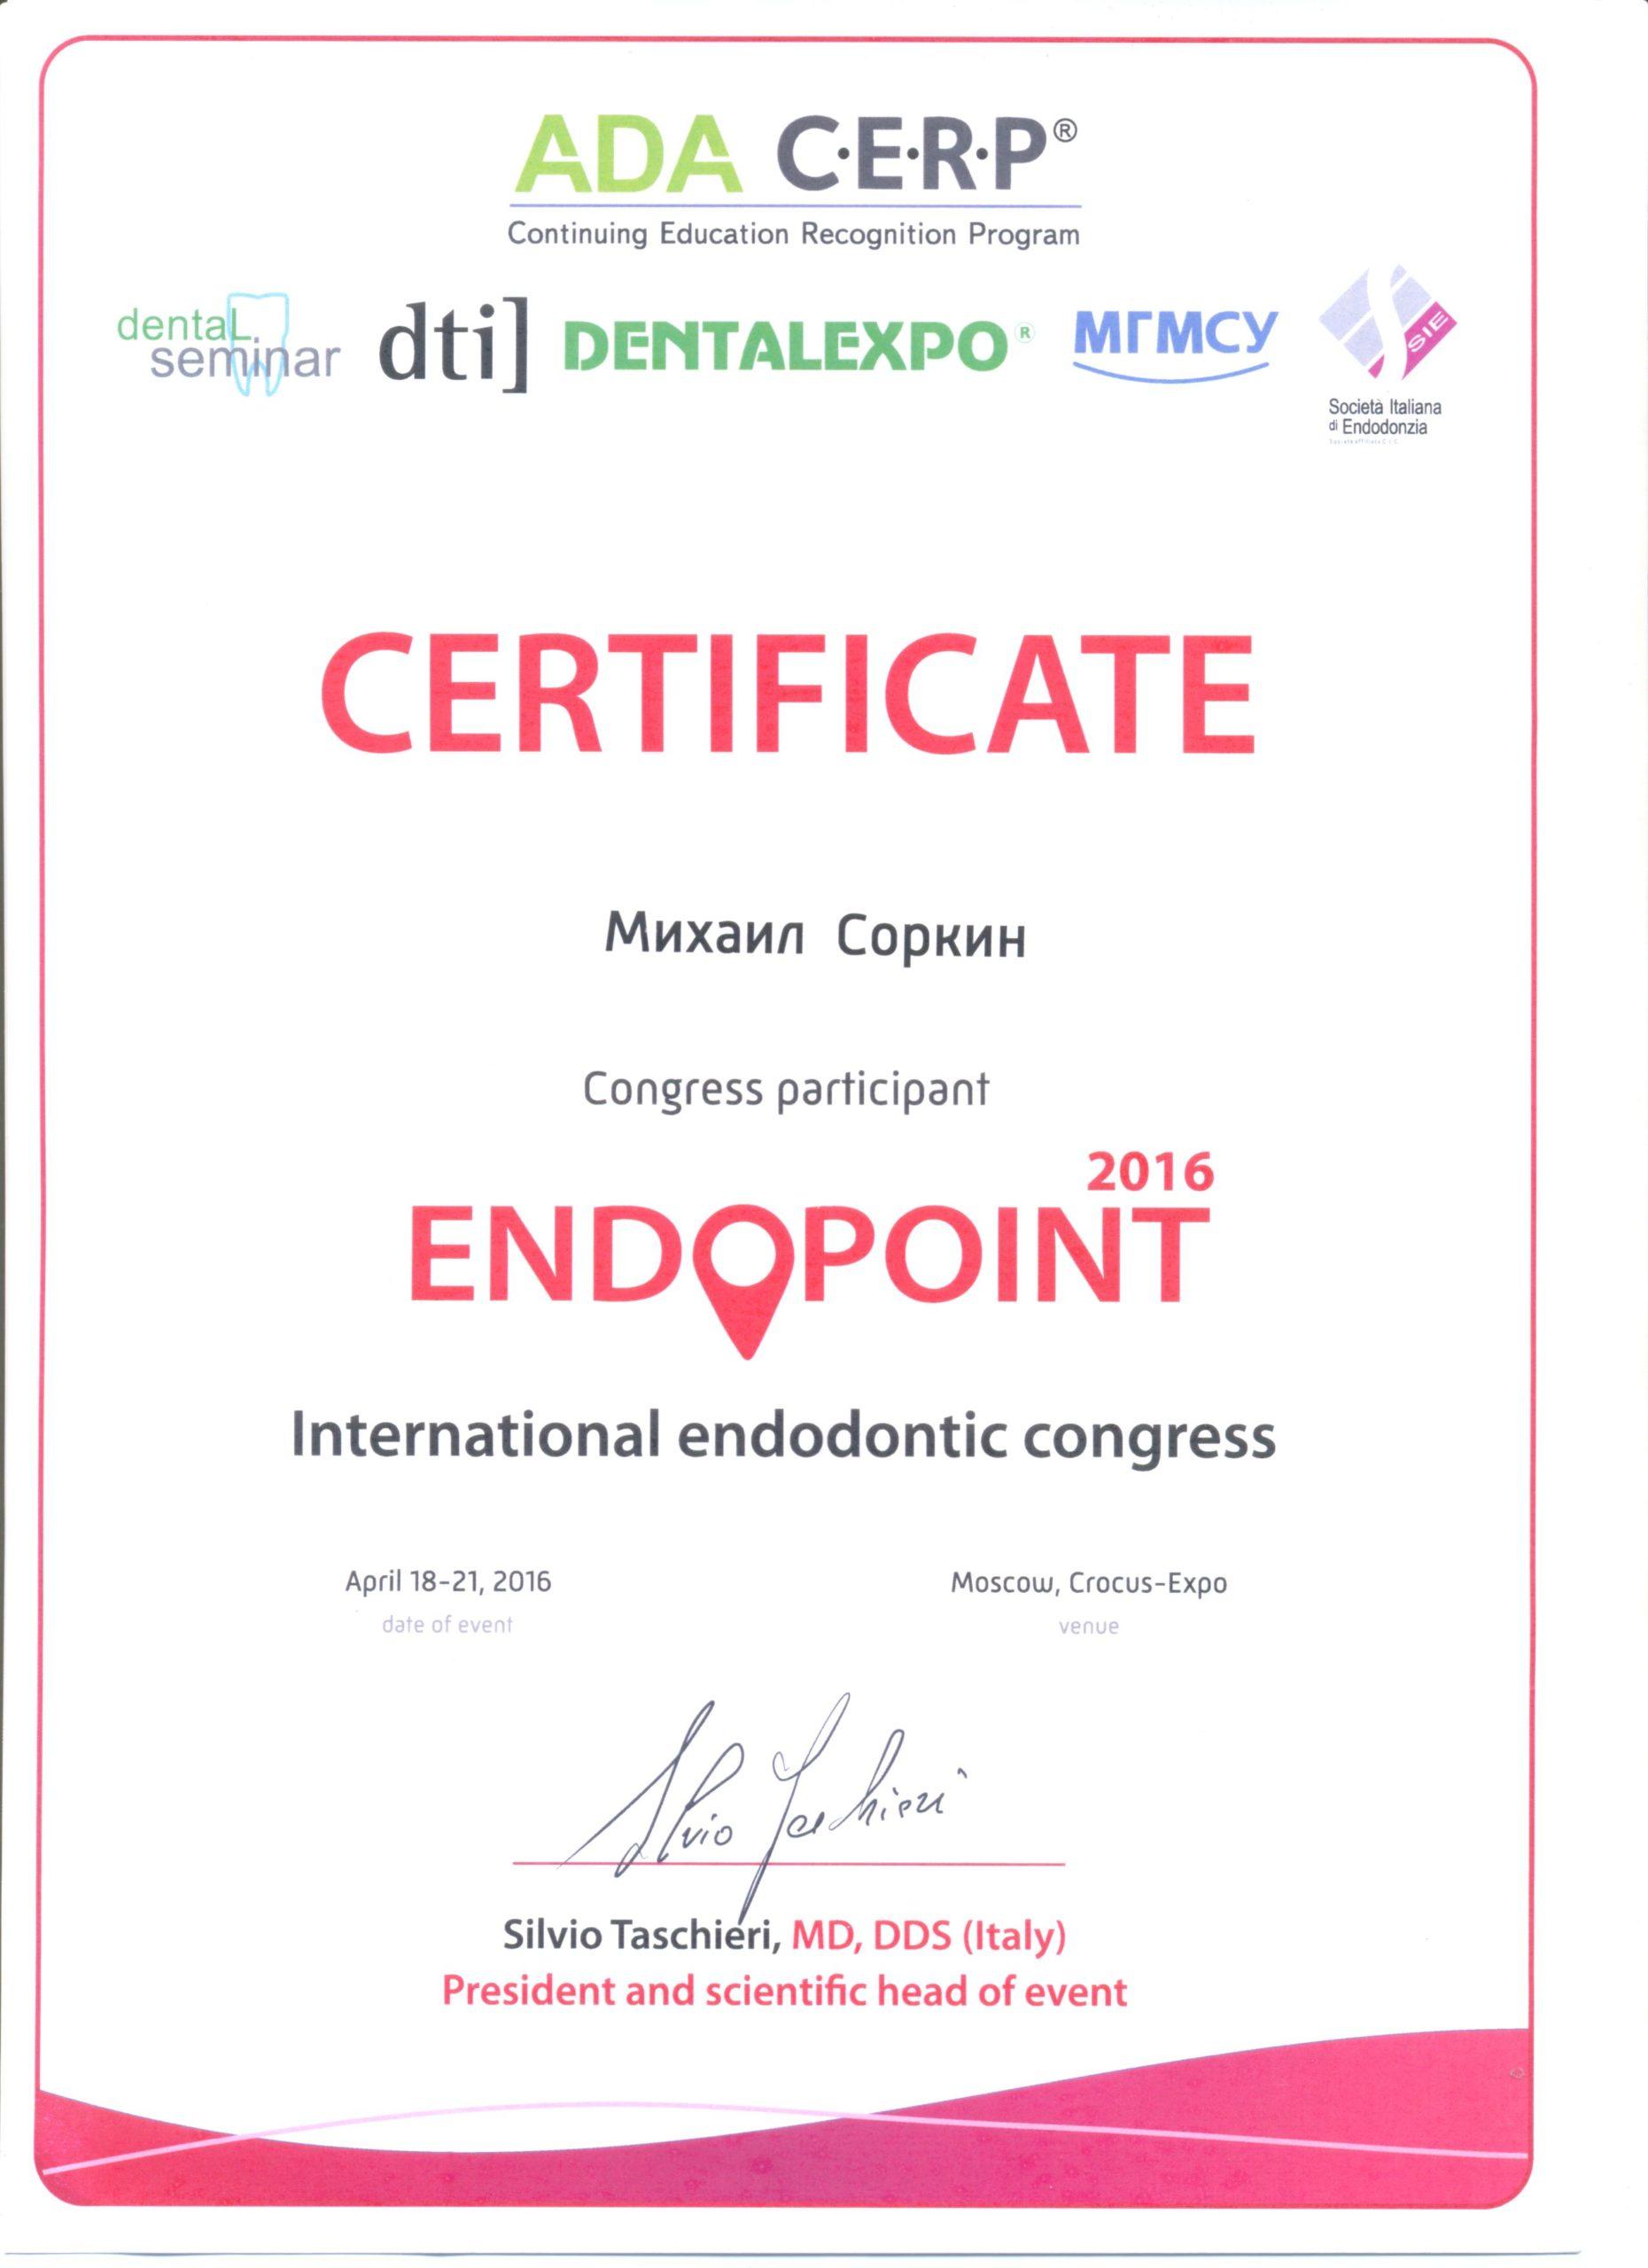 сертификат стоматолога Соркина эндодонтия